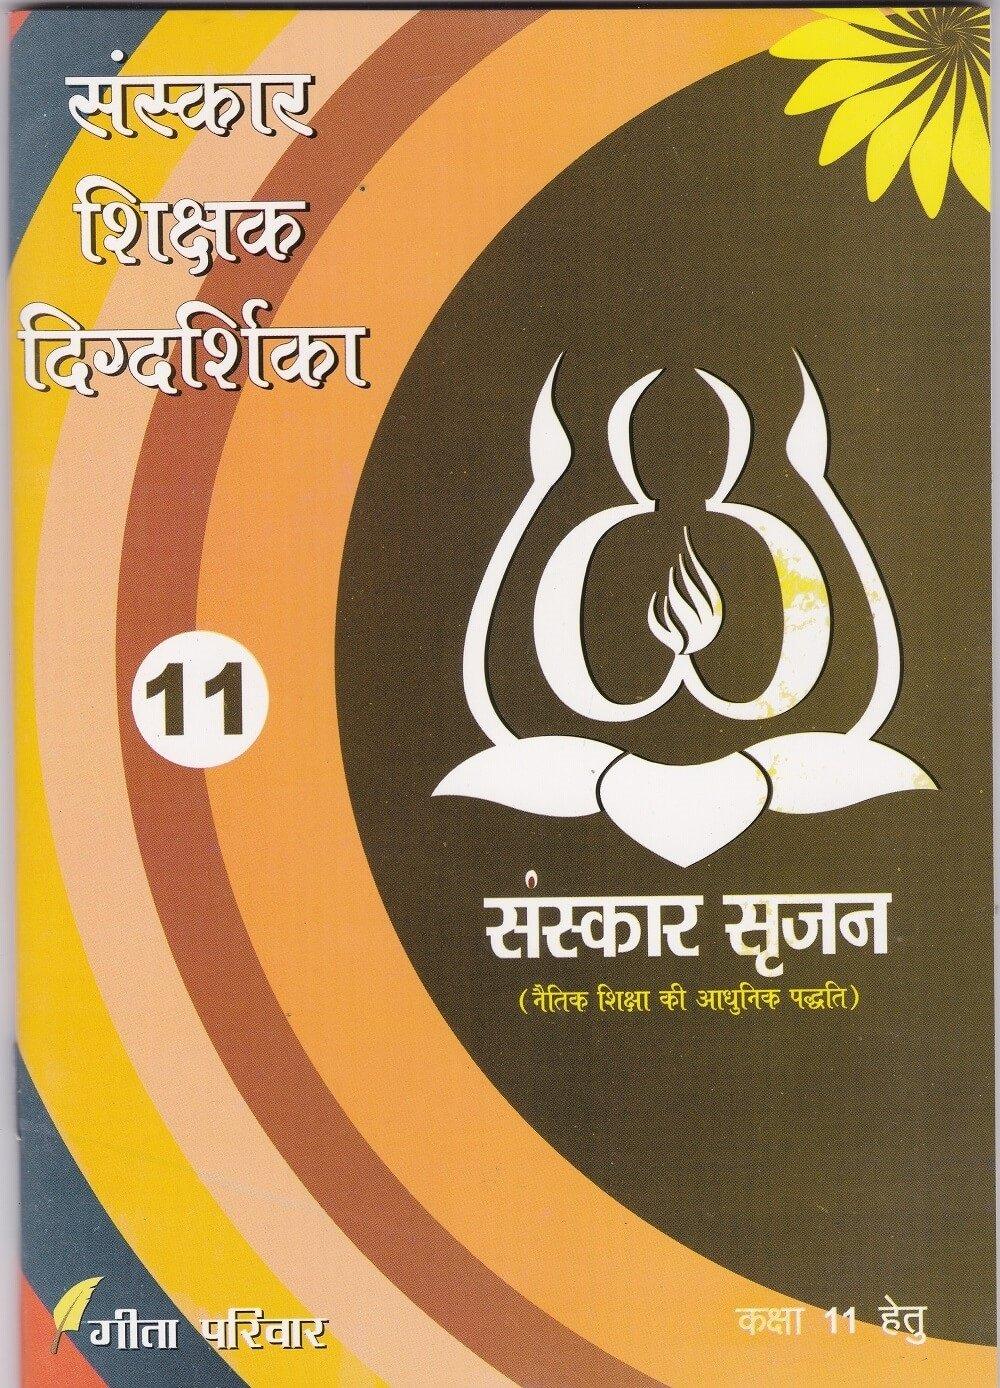 sanskar shikshak dindarshika-11